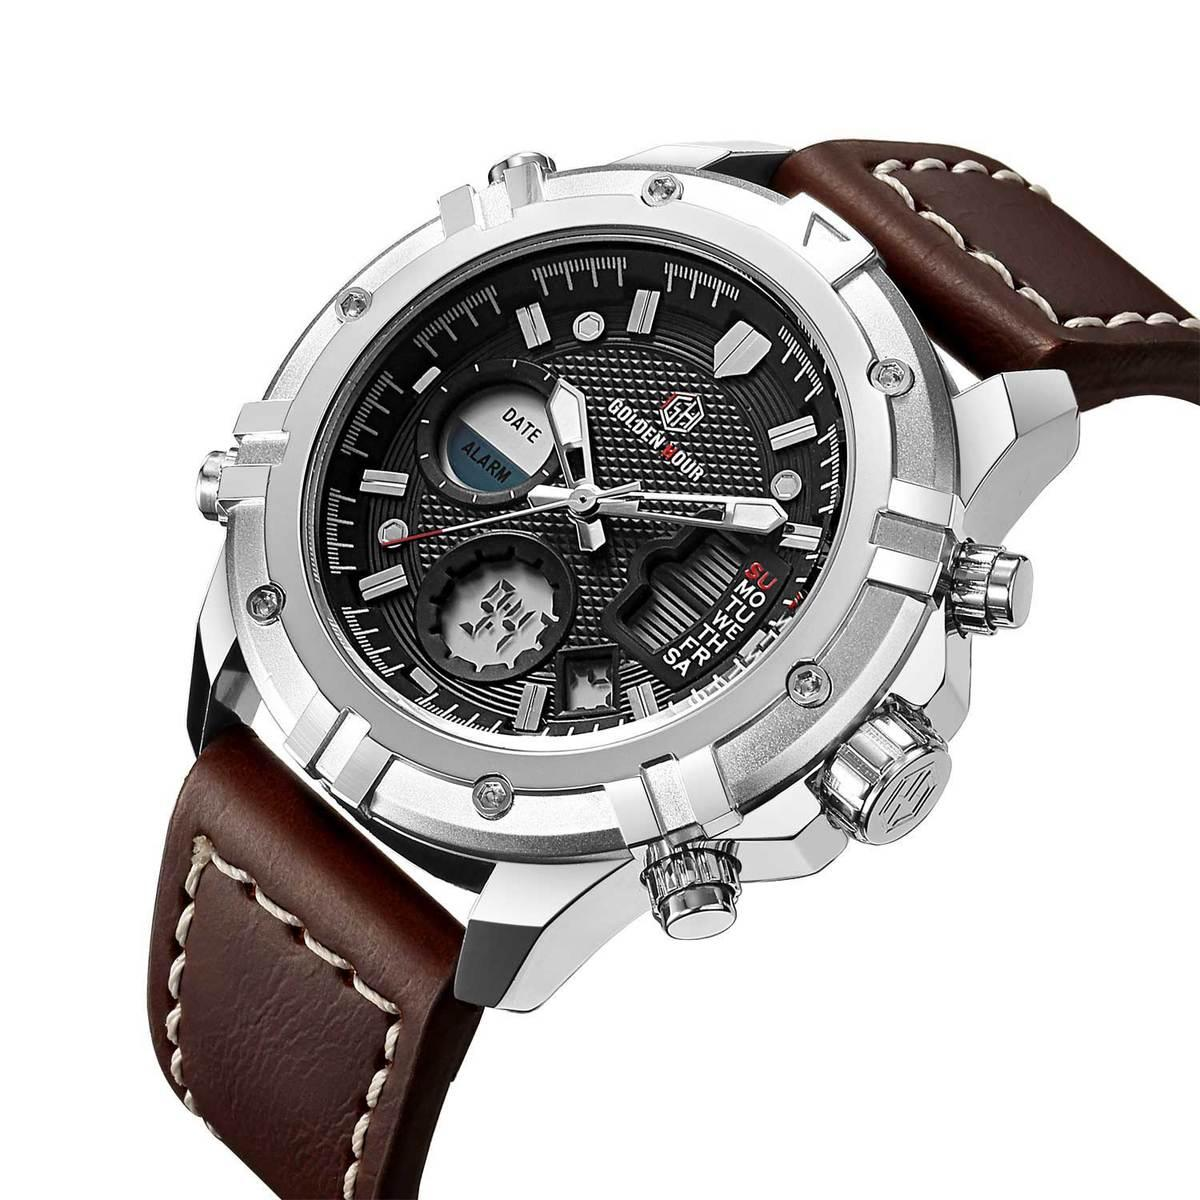 324a057374d2 Compre HORAS DE ORO Cuarzo Militar Reloj De Tiempo Dual Hombres Fecha  Semana Alarma Reloj De Pulsera De Cuero De Deportes Multifunción De Moda  2018 S923 A ...